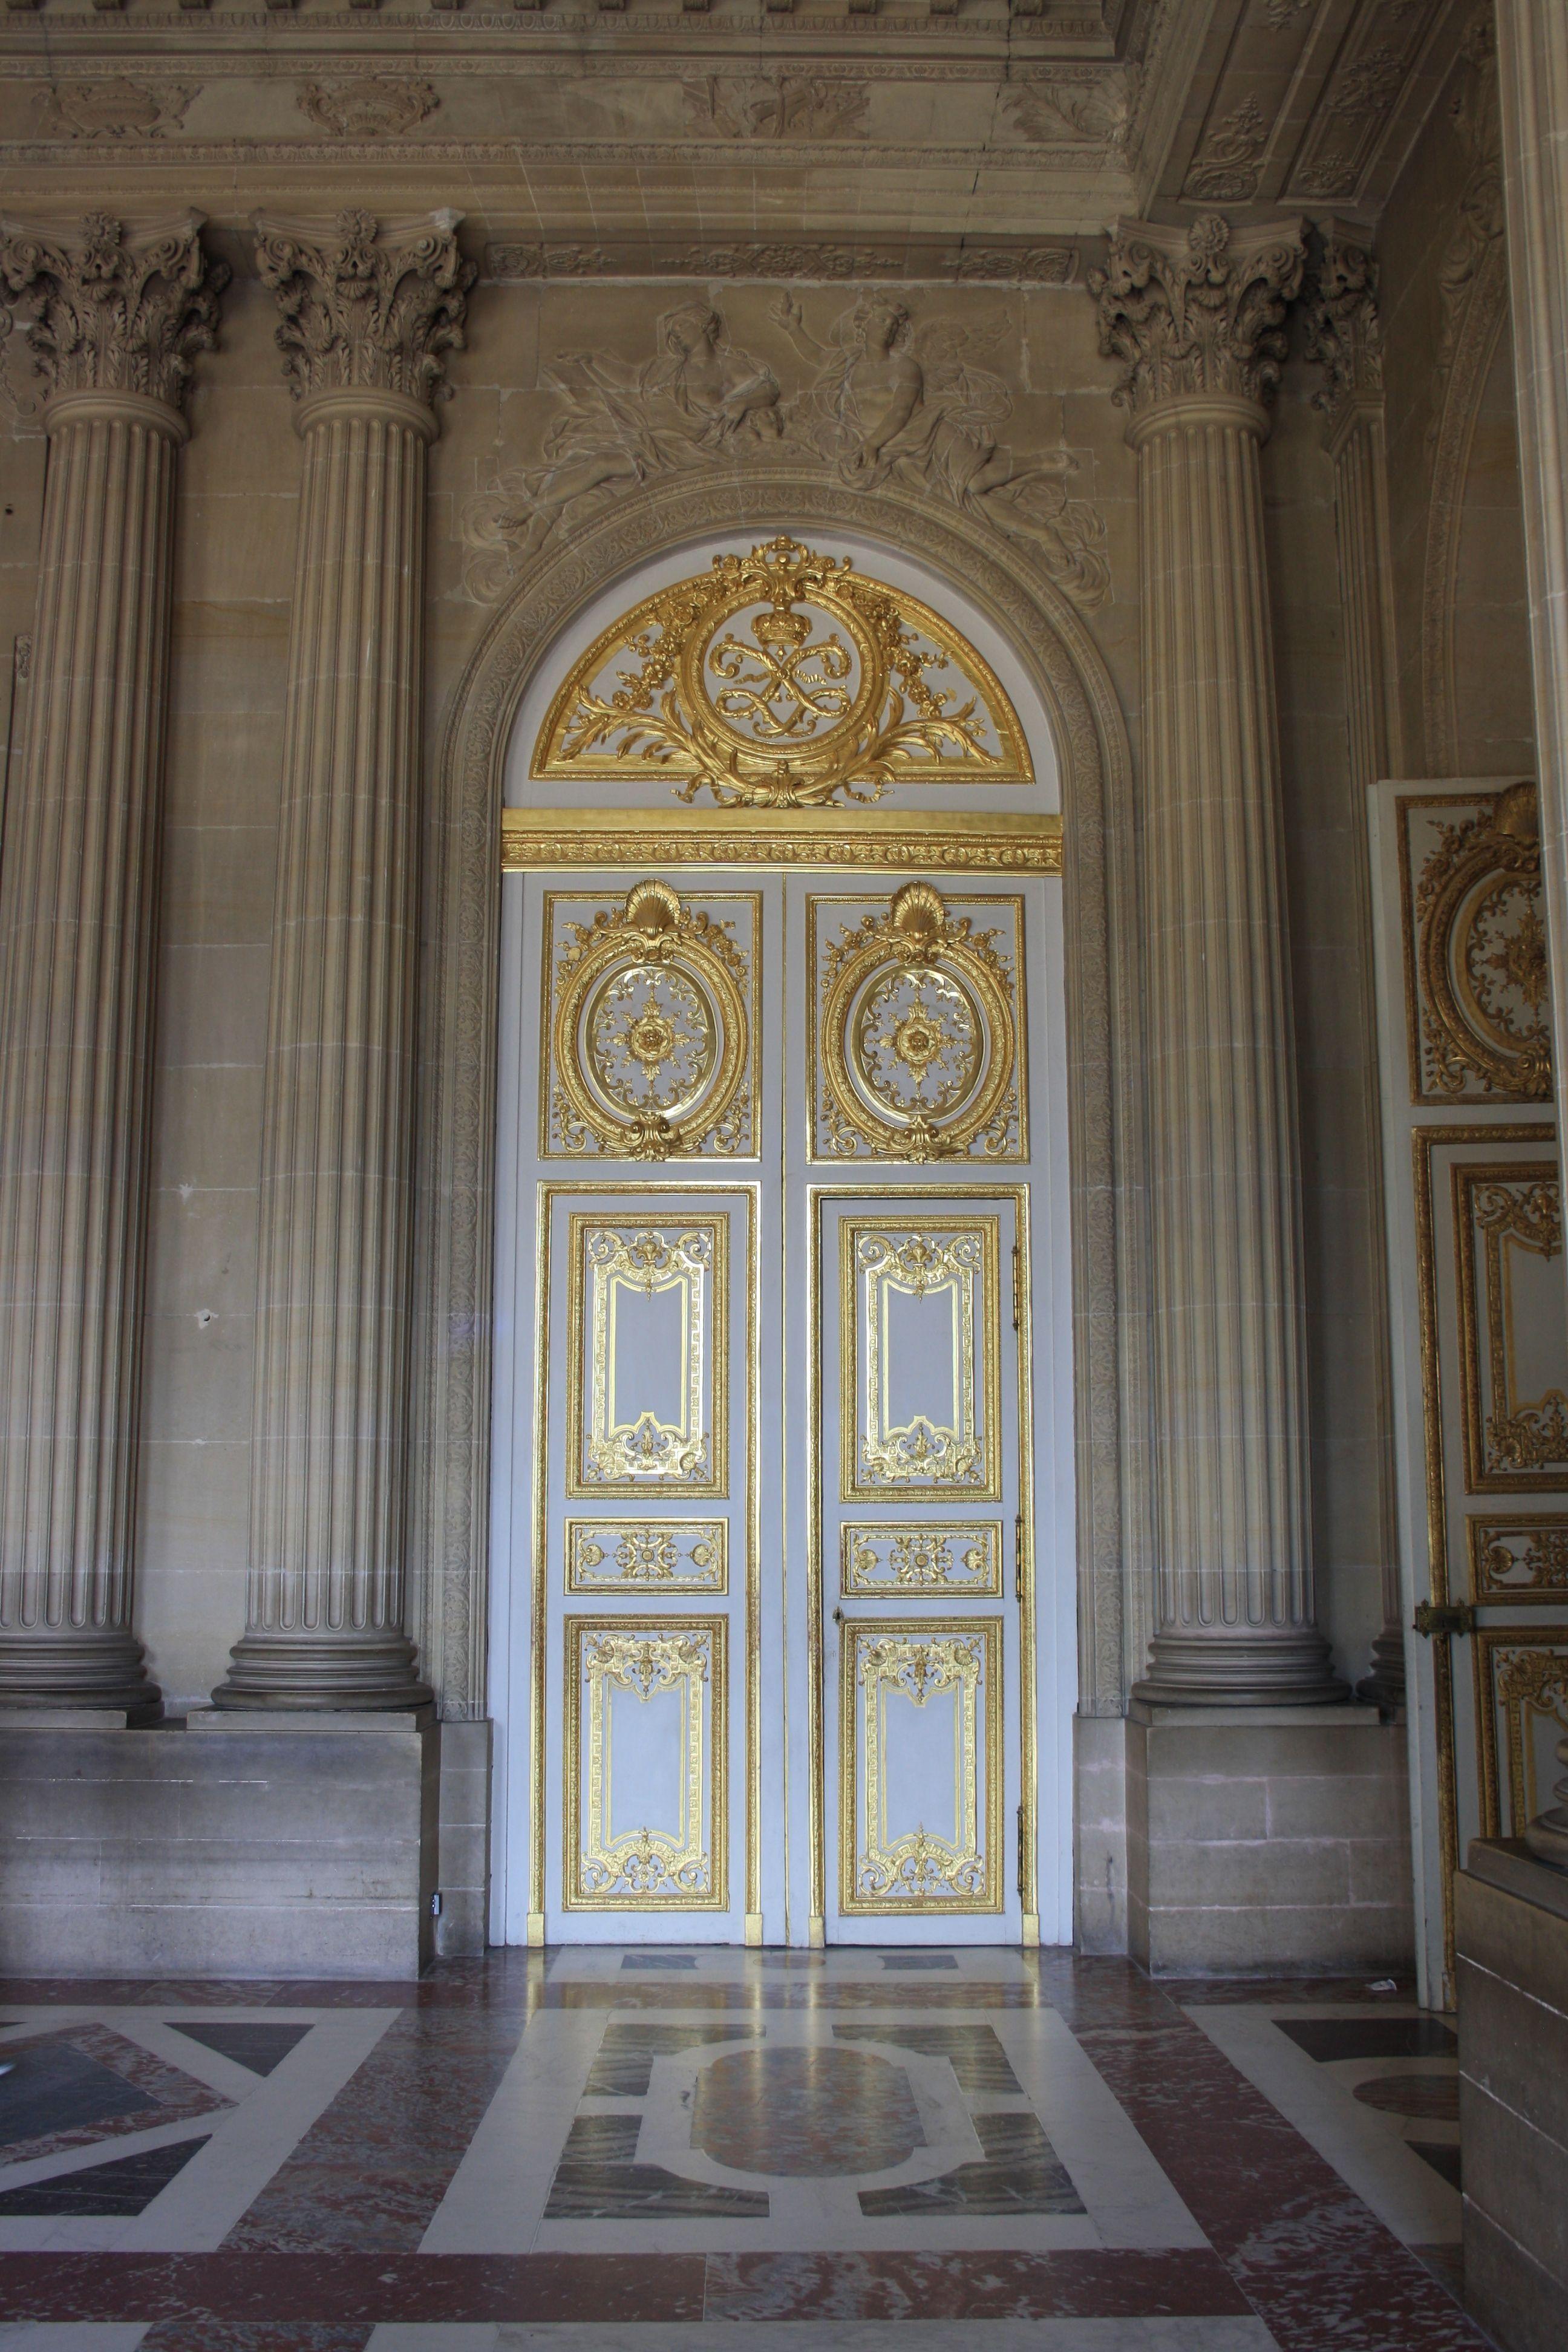 Chateau de Versailles Grand Appartement de la Reine & Chateau de Versailles Grand Appartement de la Reine | French ...